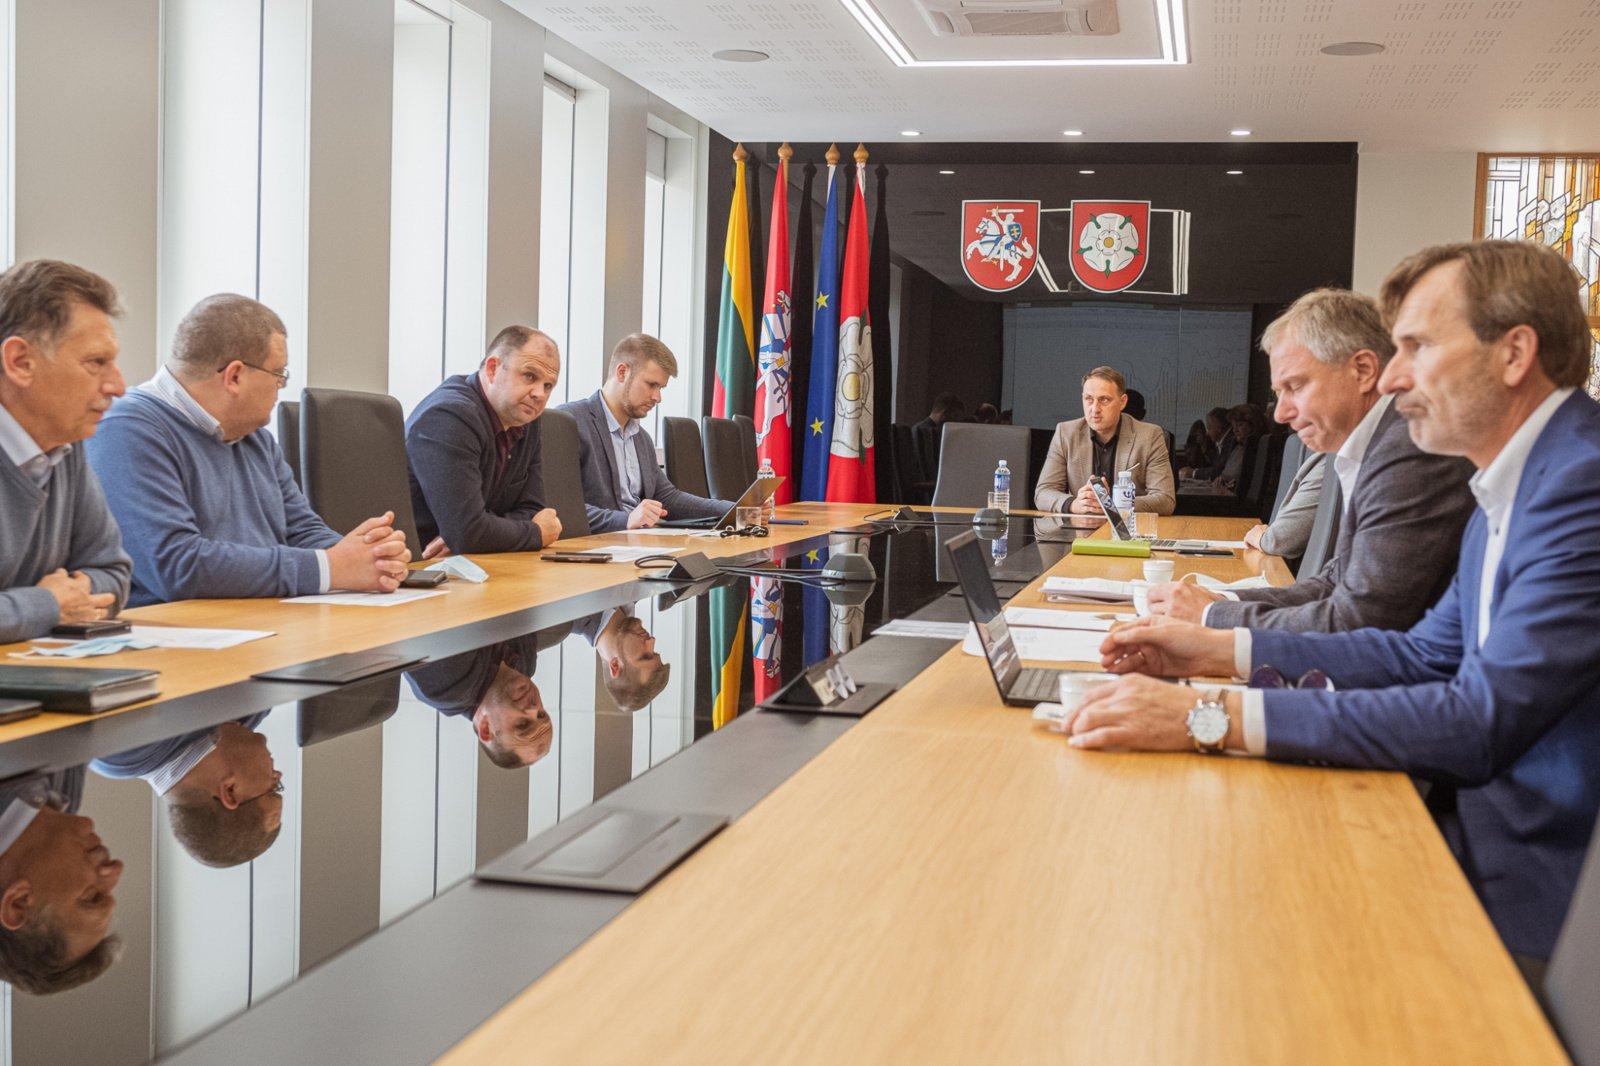 """Apie viešojo transporto situaciją Alytuje meras kalbėjosi su bendrove """"Kautra"""""""